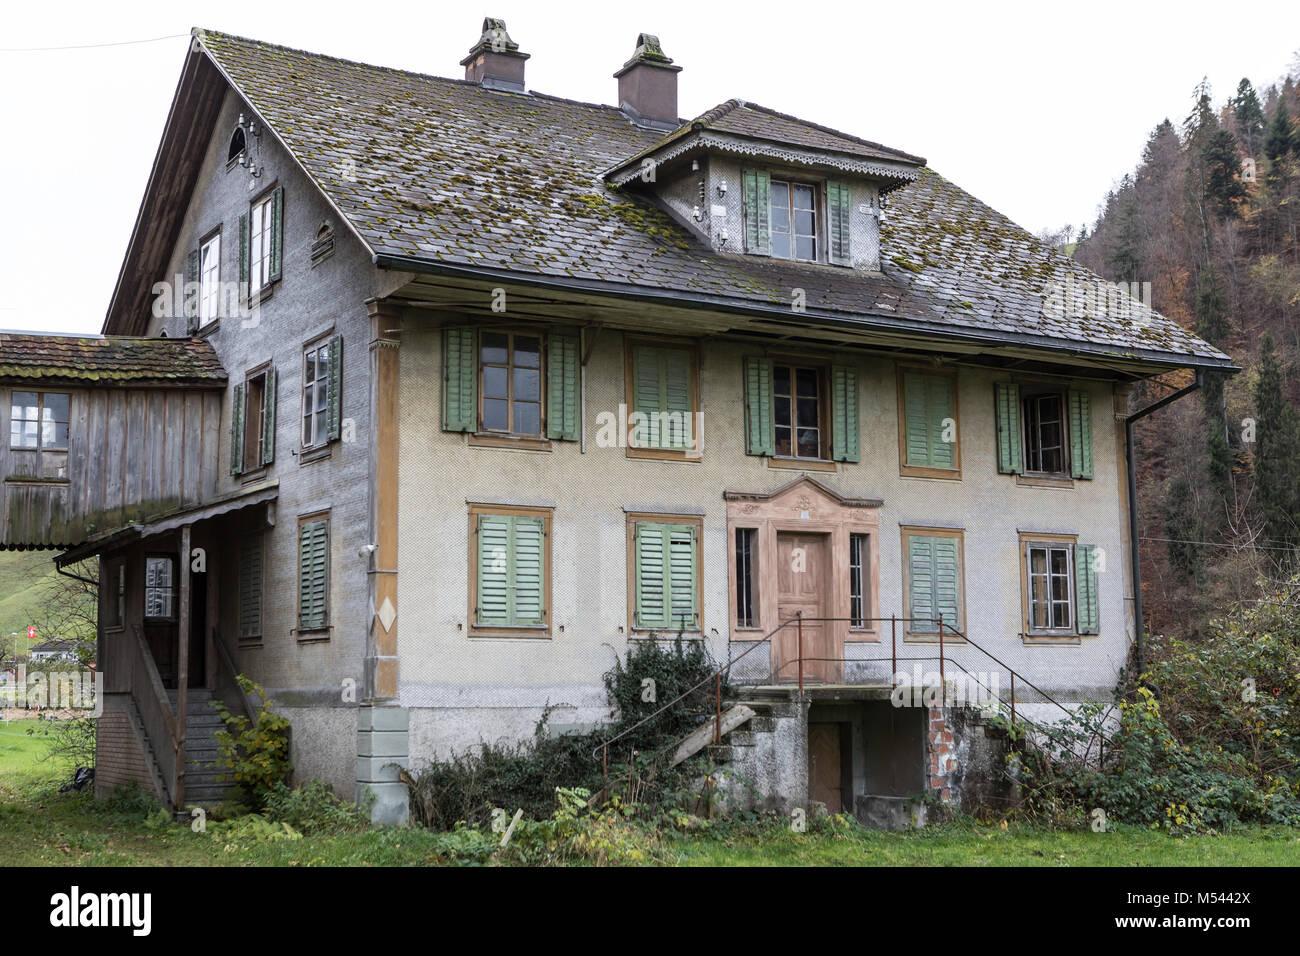 Verlassenen Wohn- und Bauernhaus - verlorene Ort Stockbild